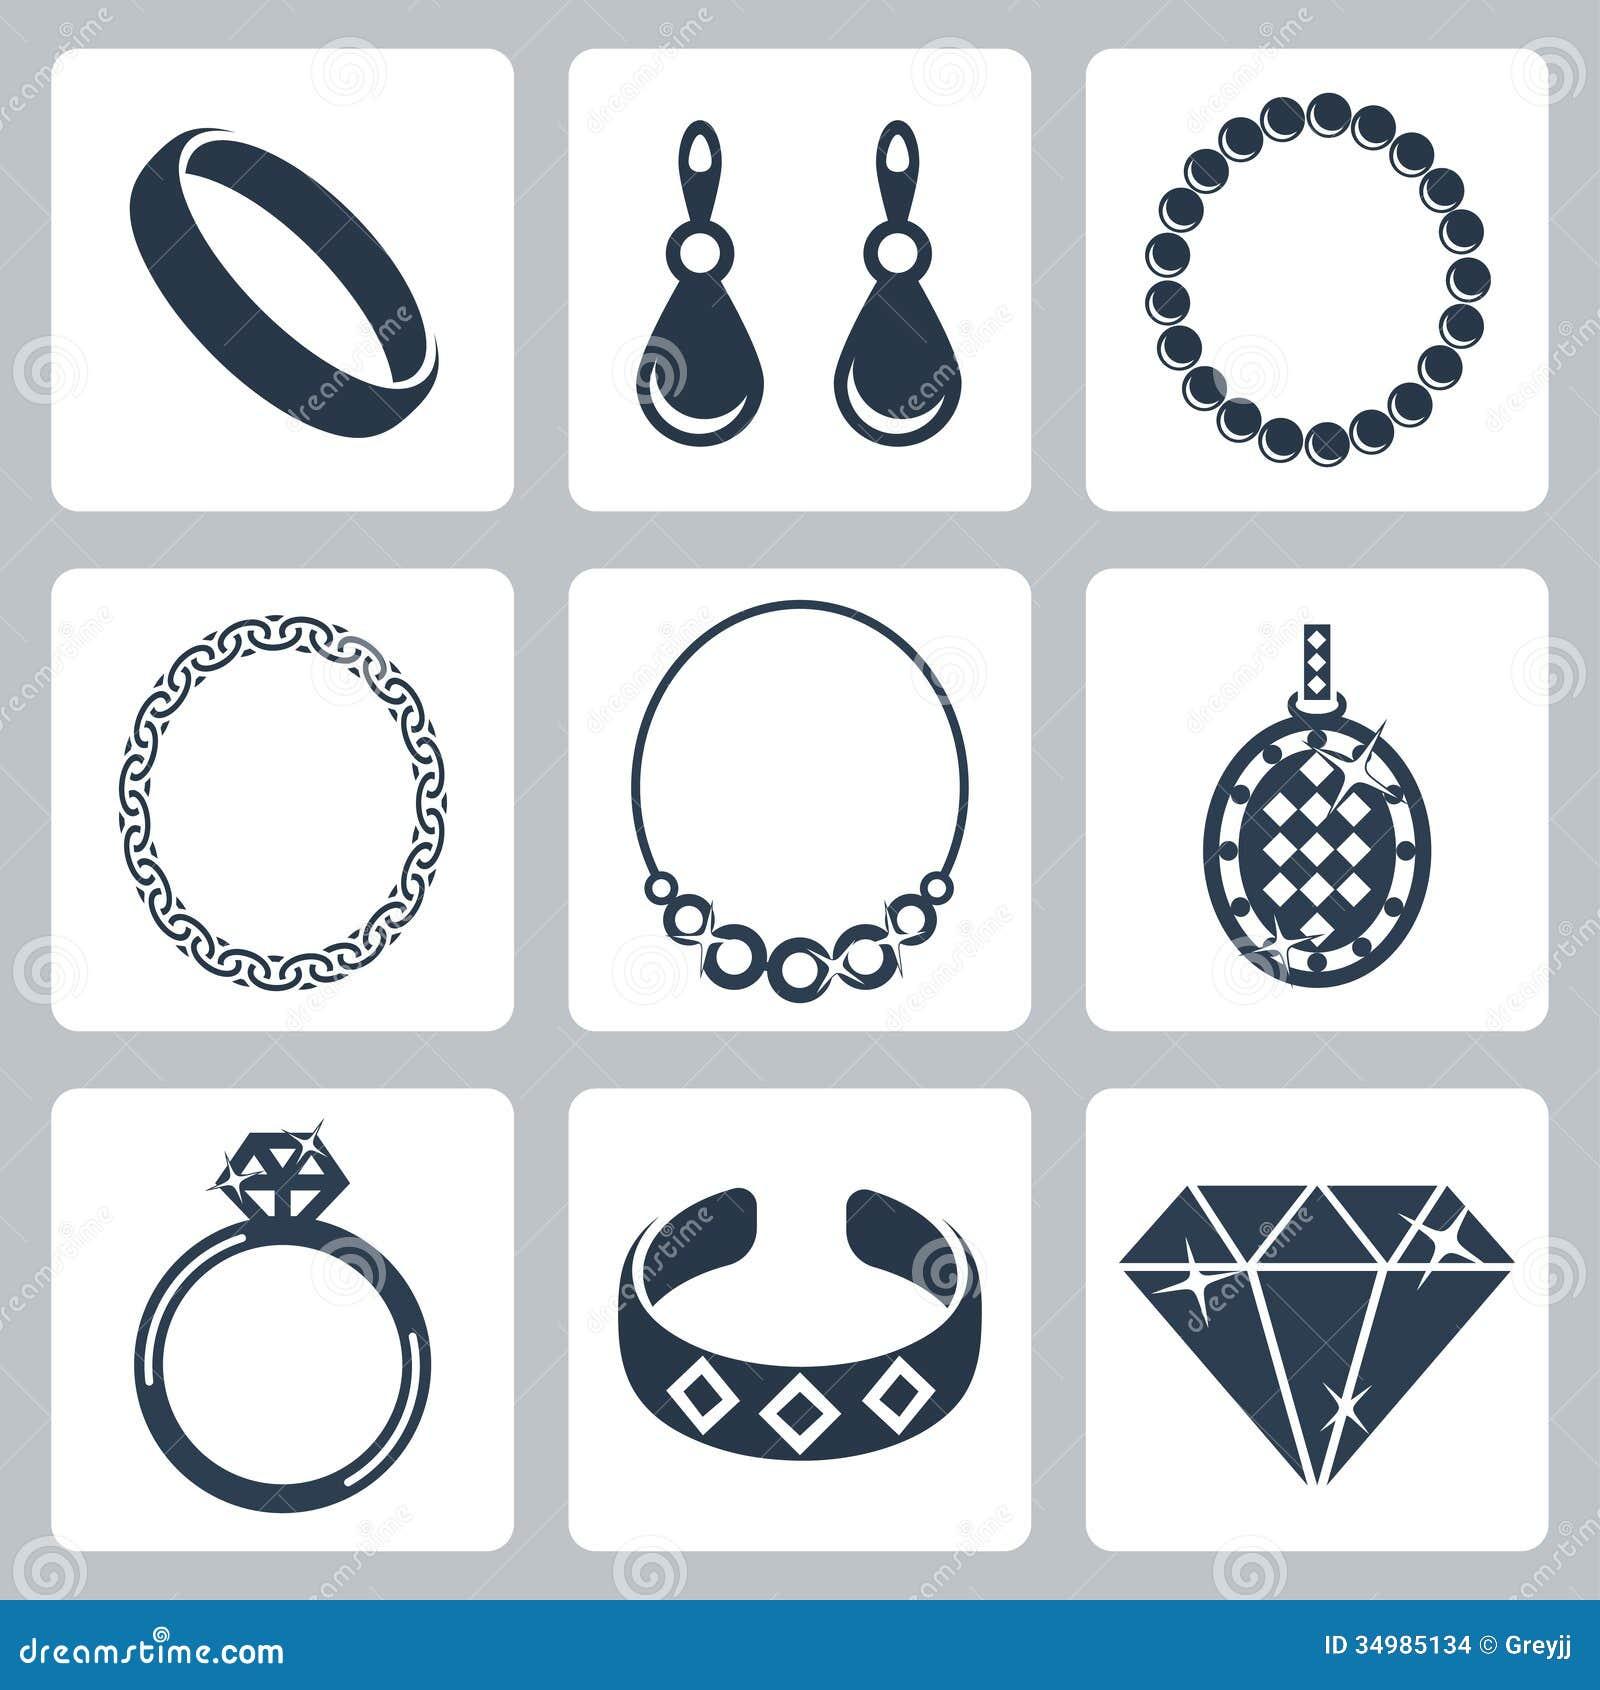 Vector jewelry icons set